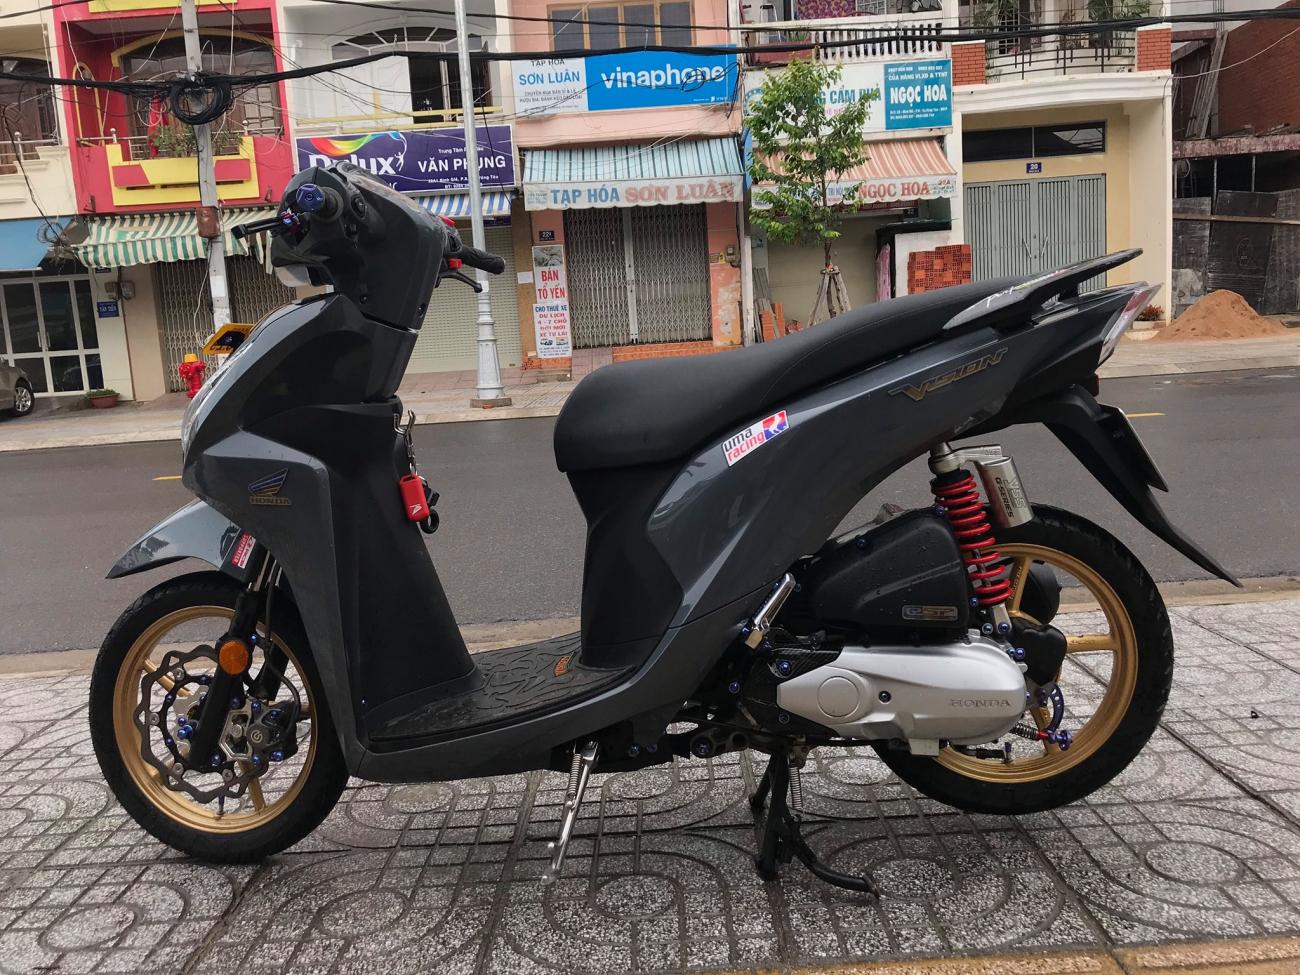 Vision do cuon hut nguoi xem voi gam mau xi mang cua biker Vung Tau - 3